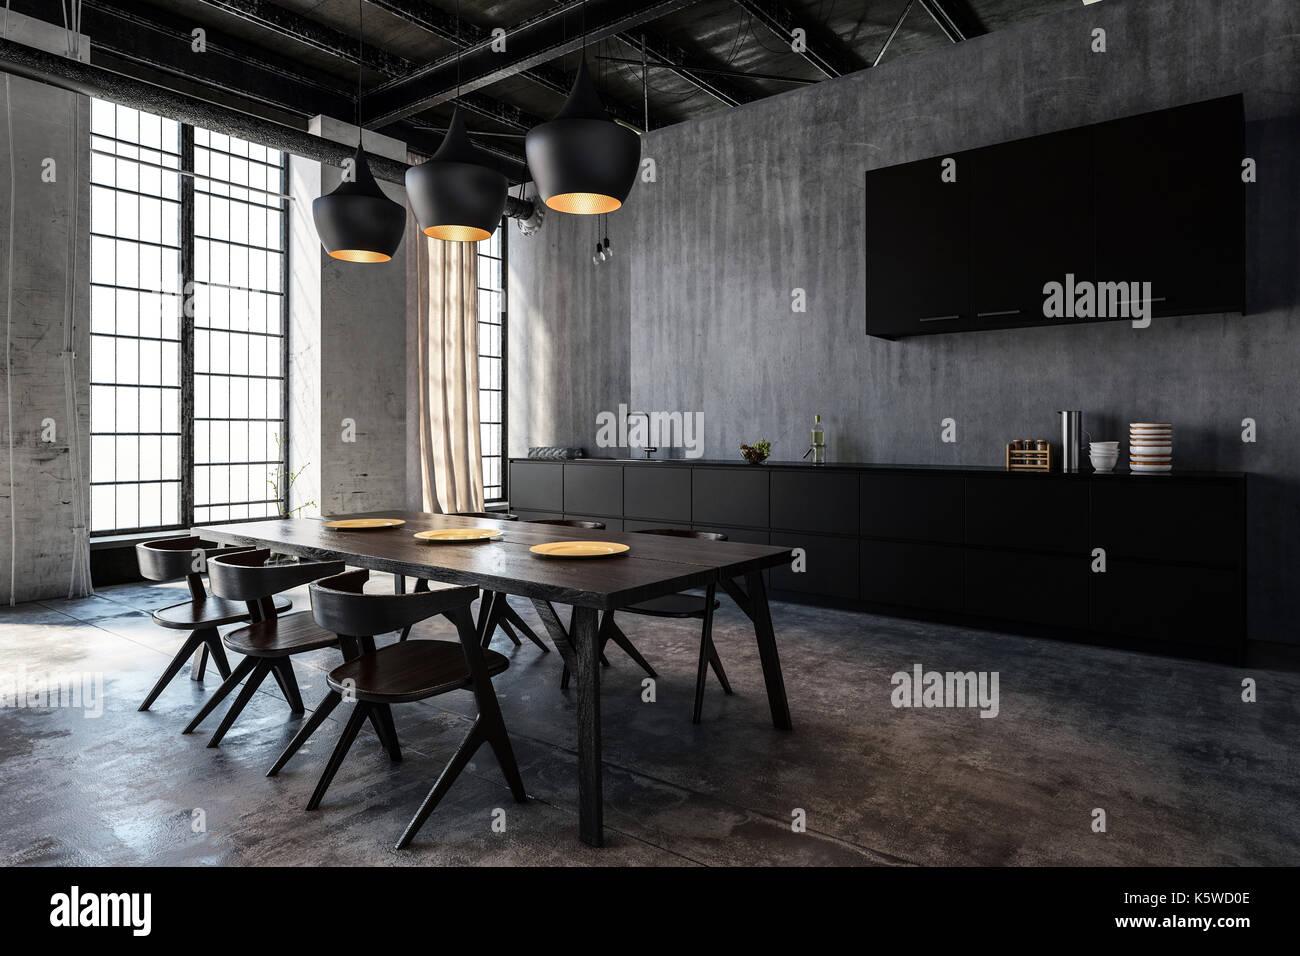 Mesa y sillas de madera en una espaciosa cocina con comedor en loft piso  Imagen De c12cfca09a57